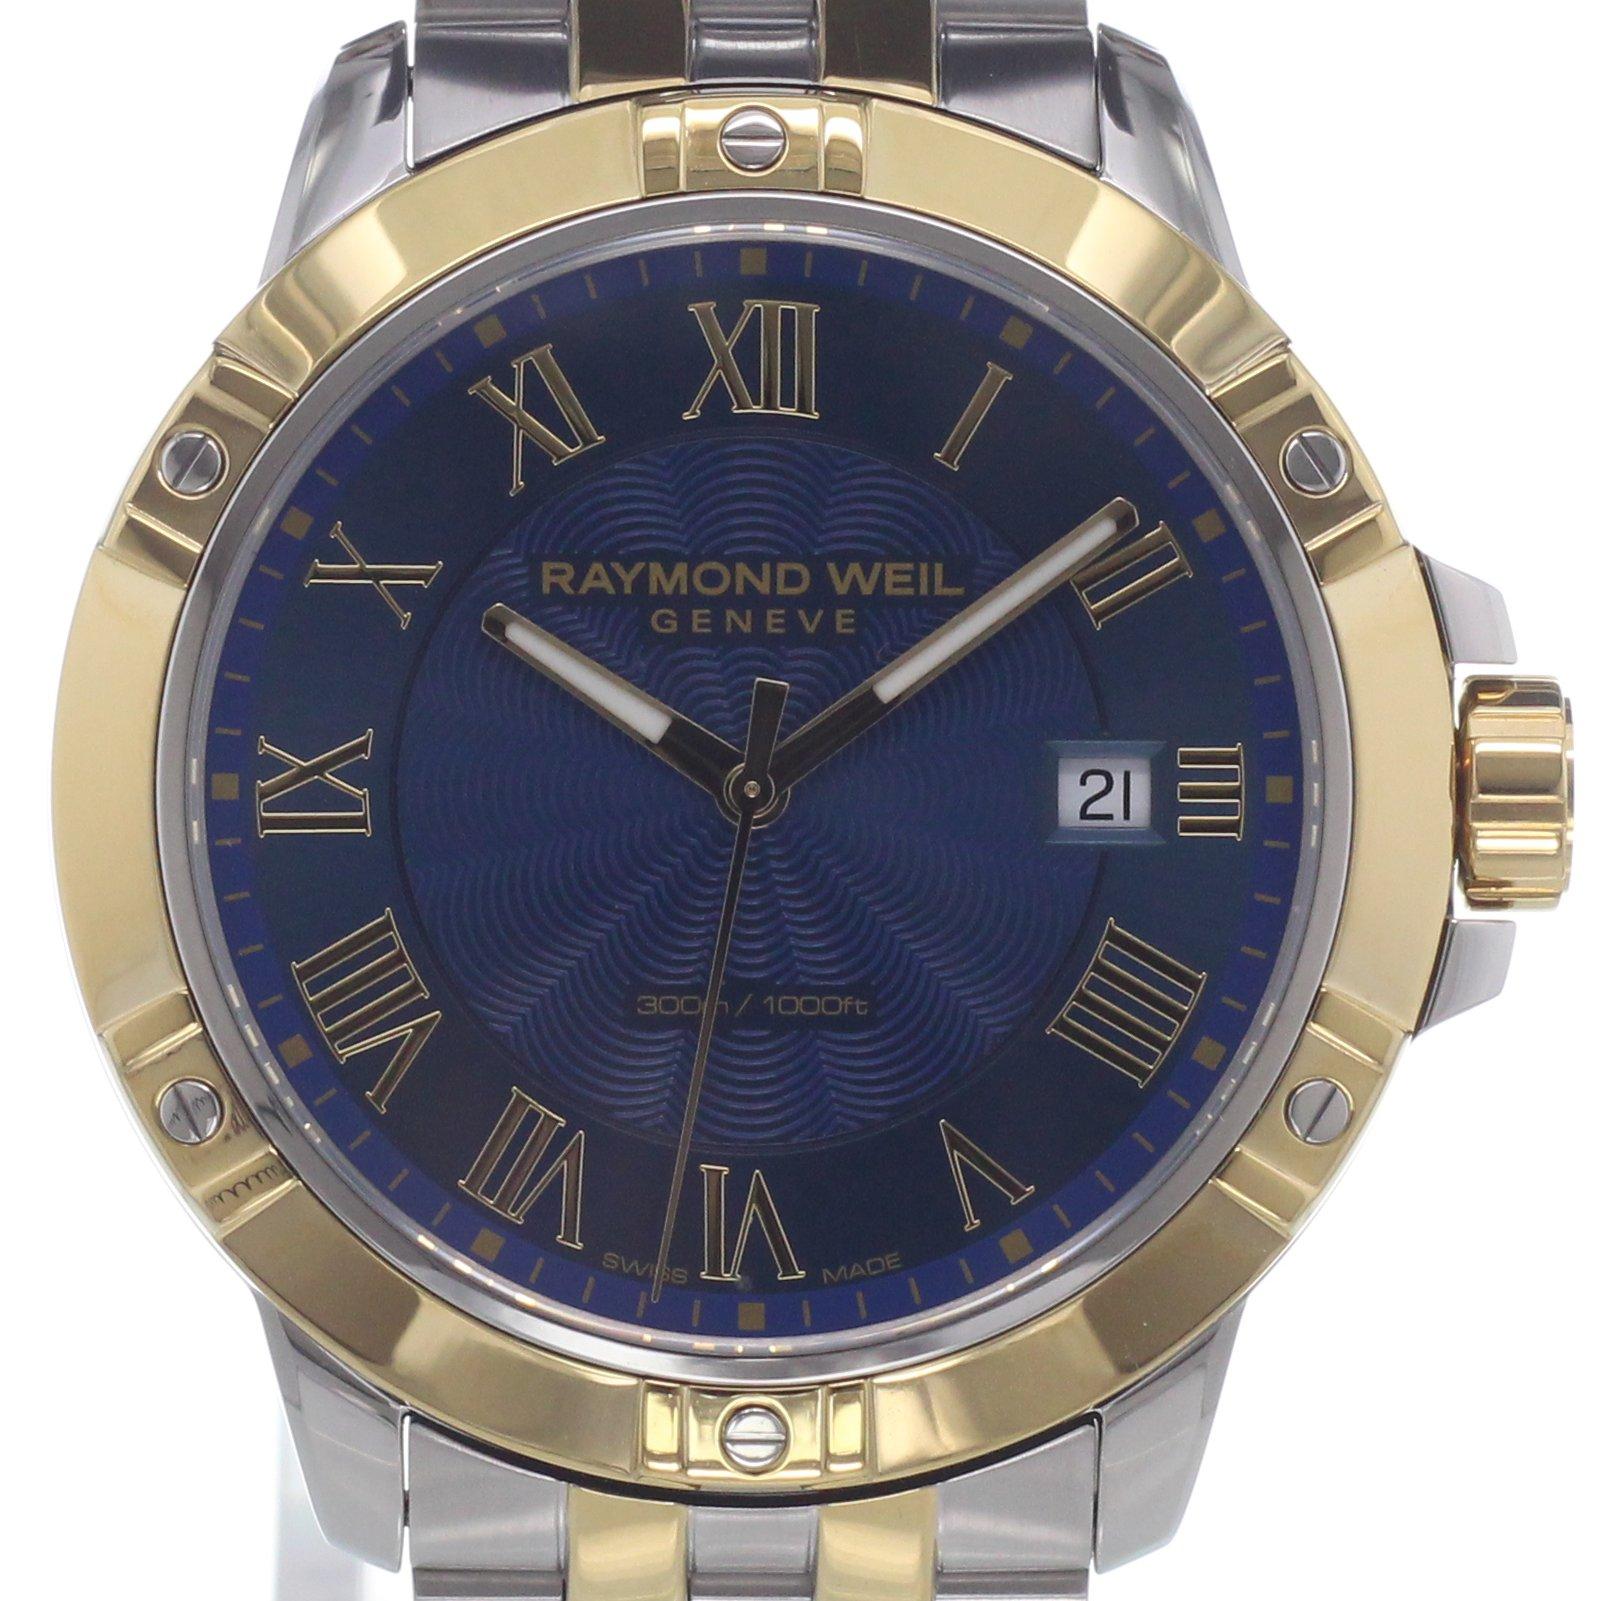 Raymond Weil Tango 8160 Stp 00508 For Sale Chronext